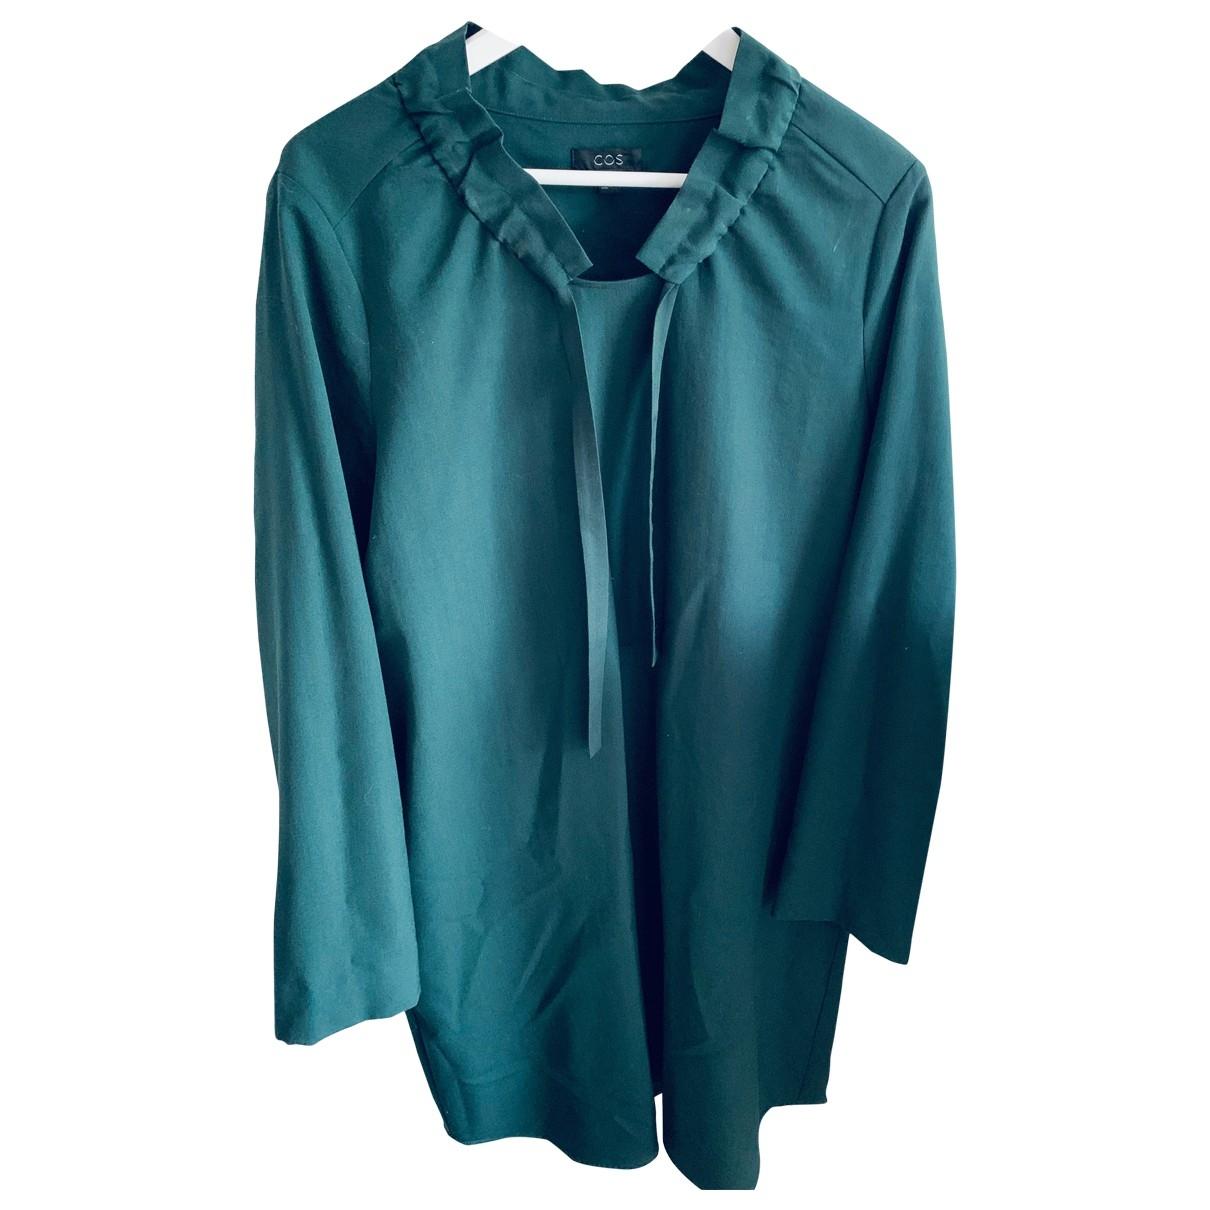 Cos \N Kleid in  Gruen Wolle